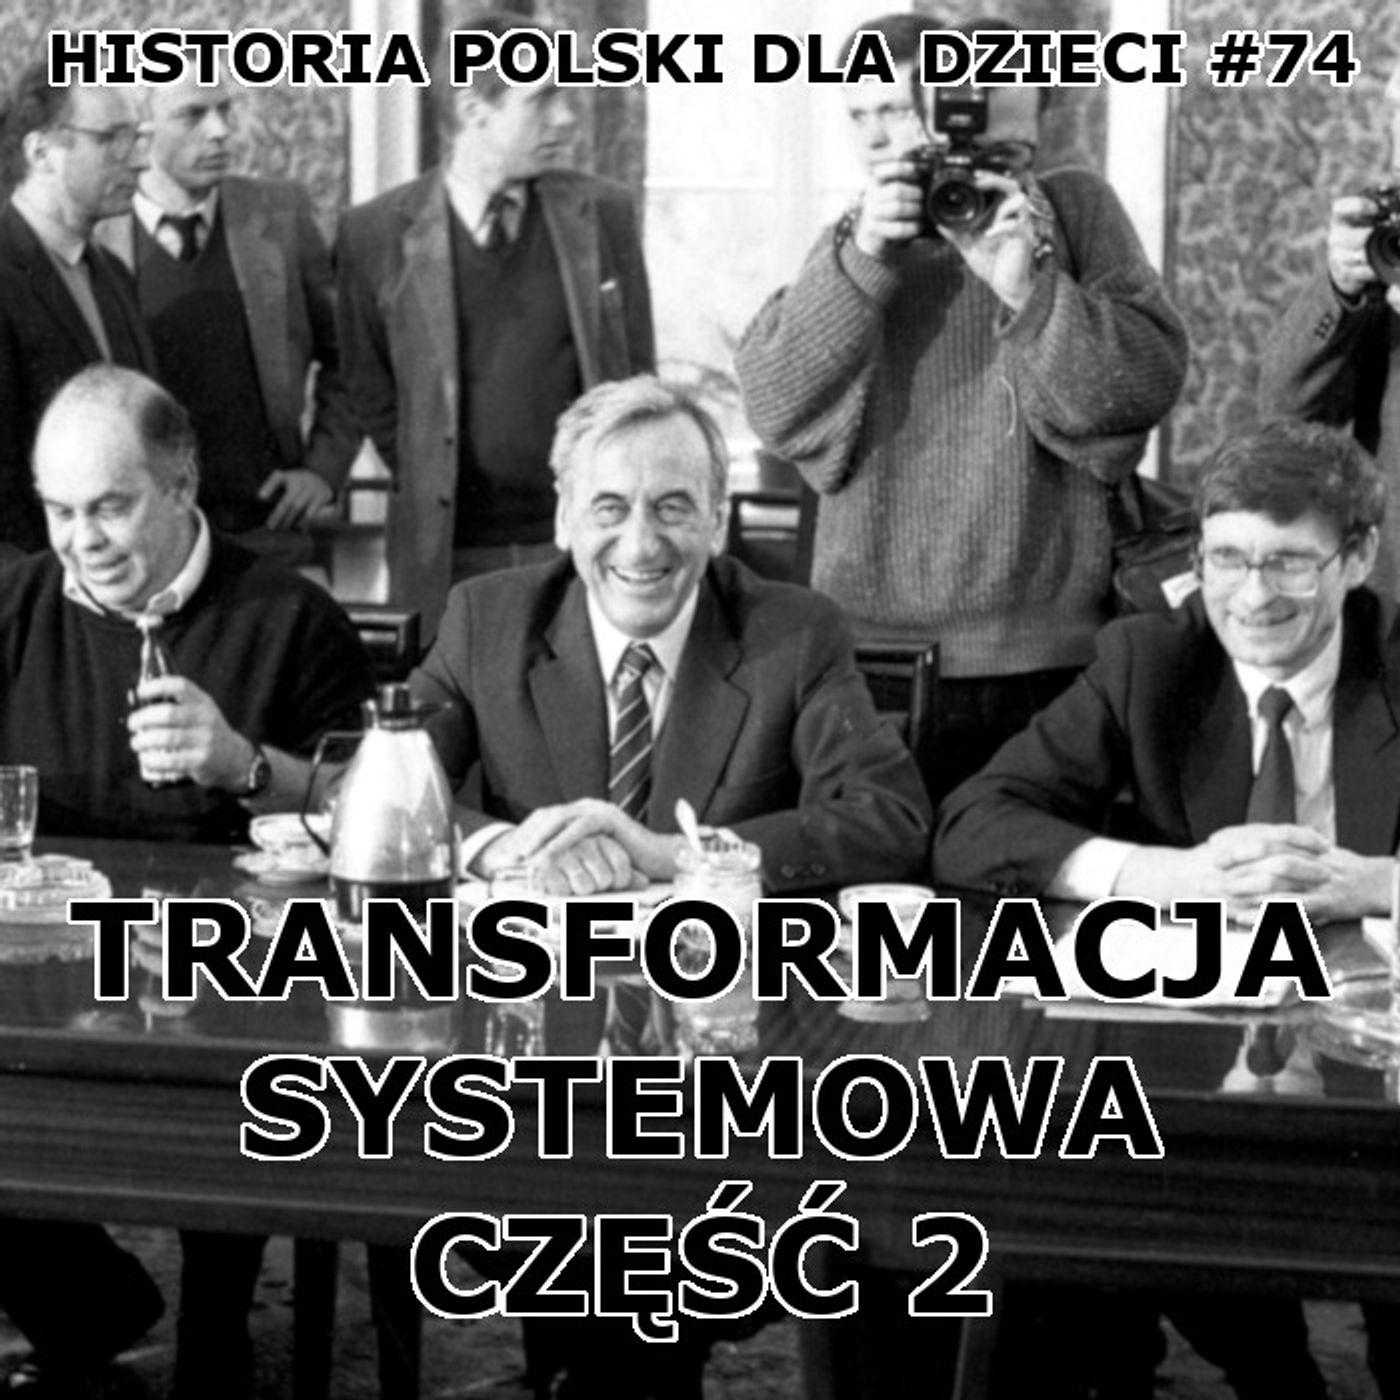 74 - Transformacja systemowa cz. 2